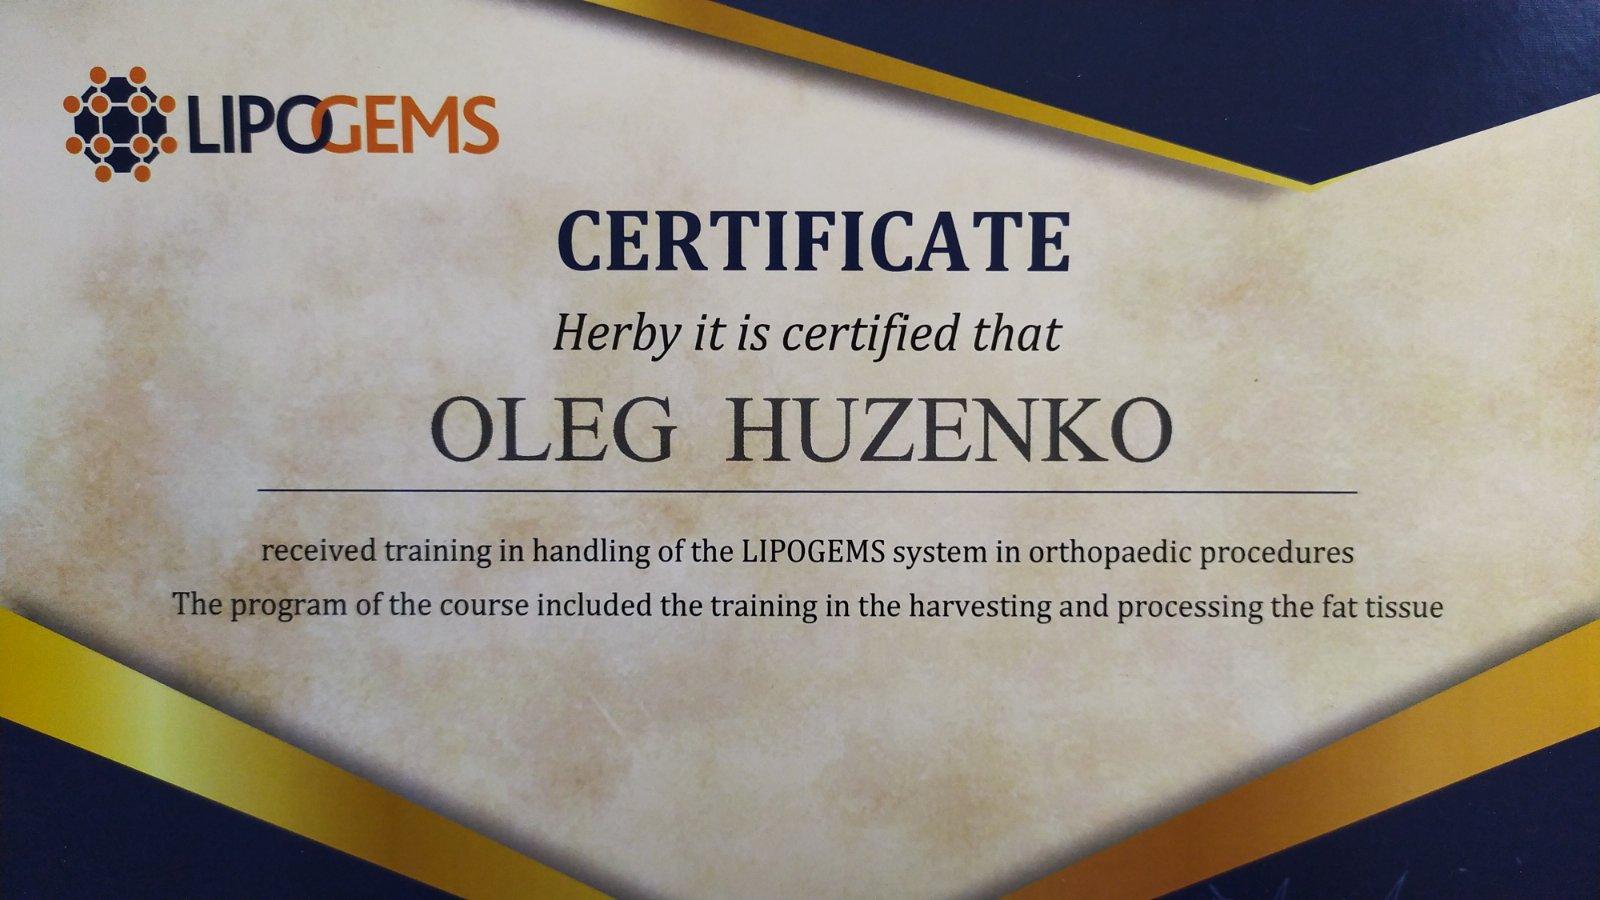 олег гузенко сертификат одесса oleg huzenko certificate odessa